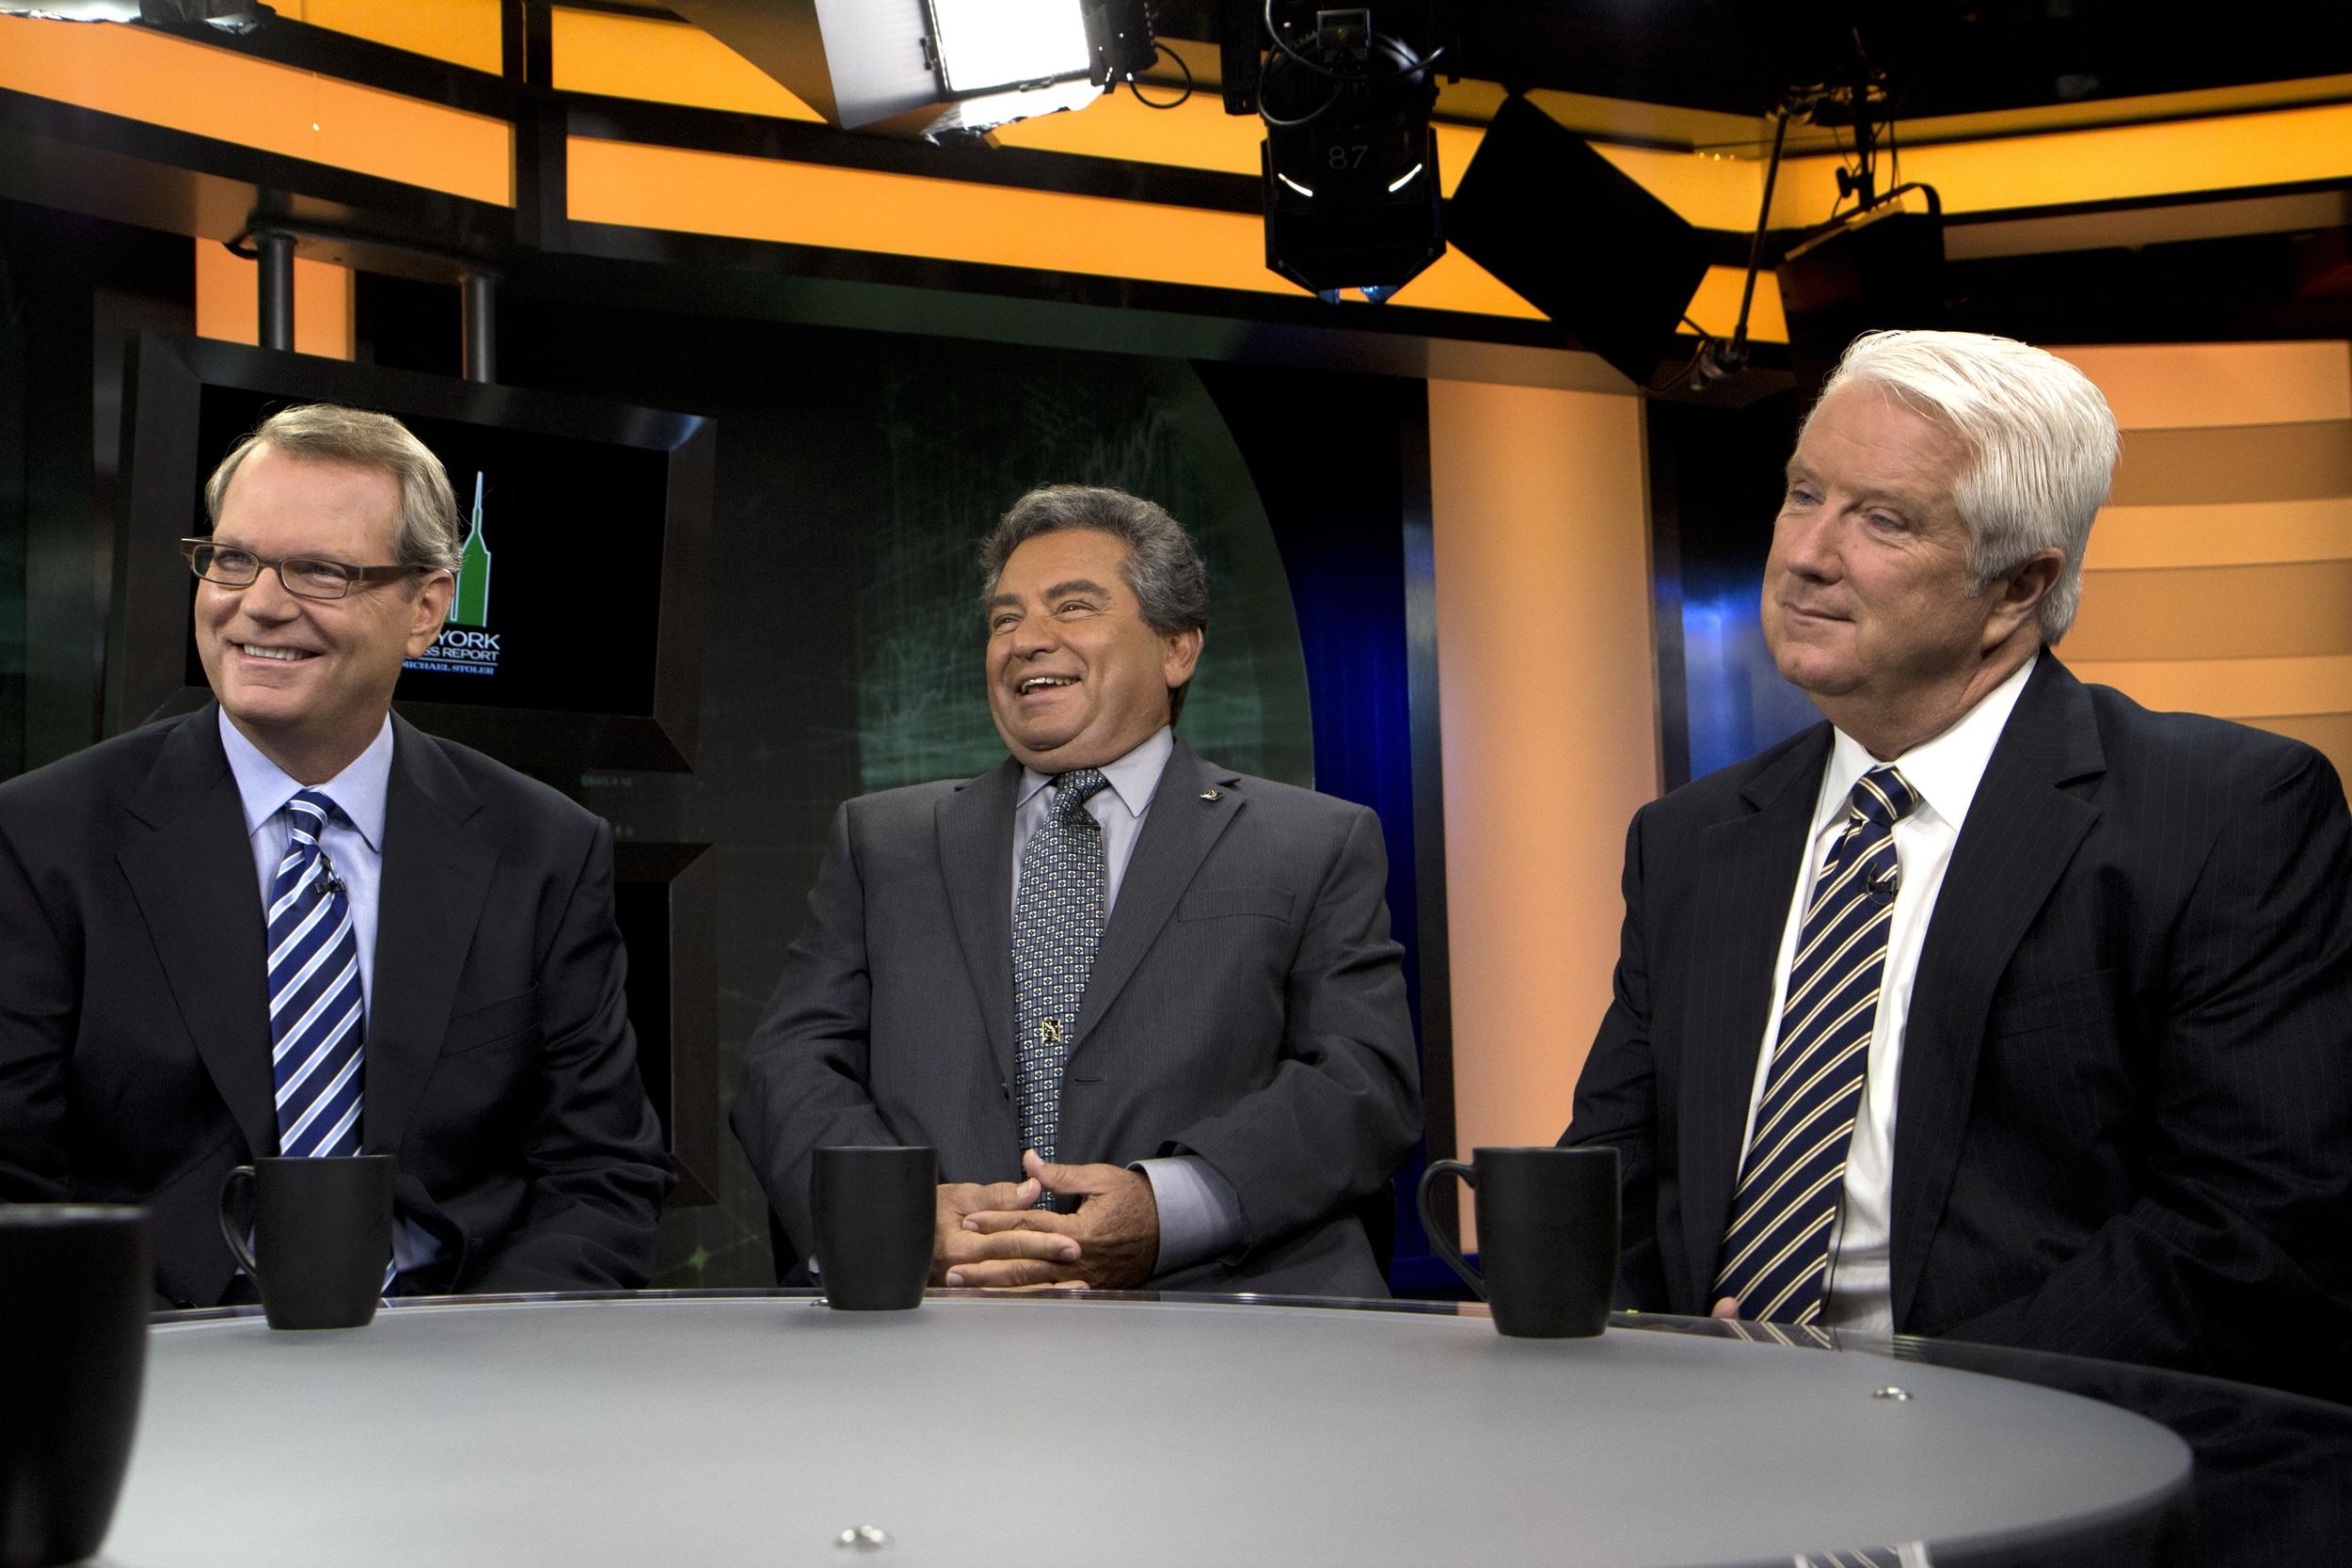 Mike Slocum, Joseph Ficalora, Al Brooks